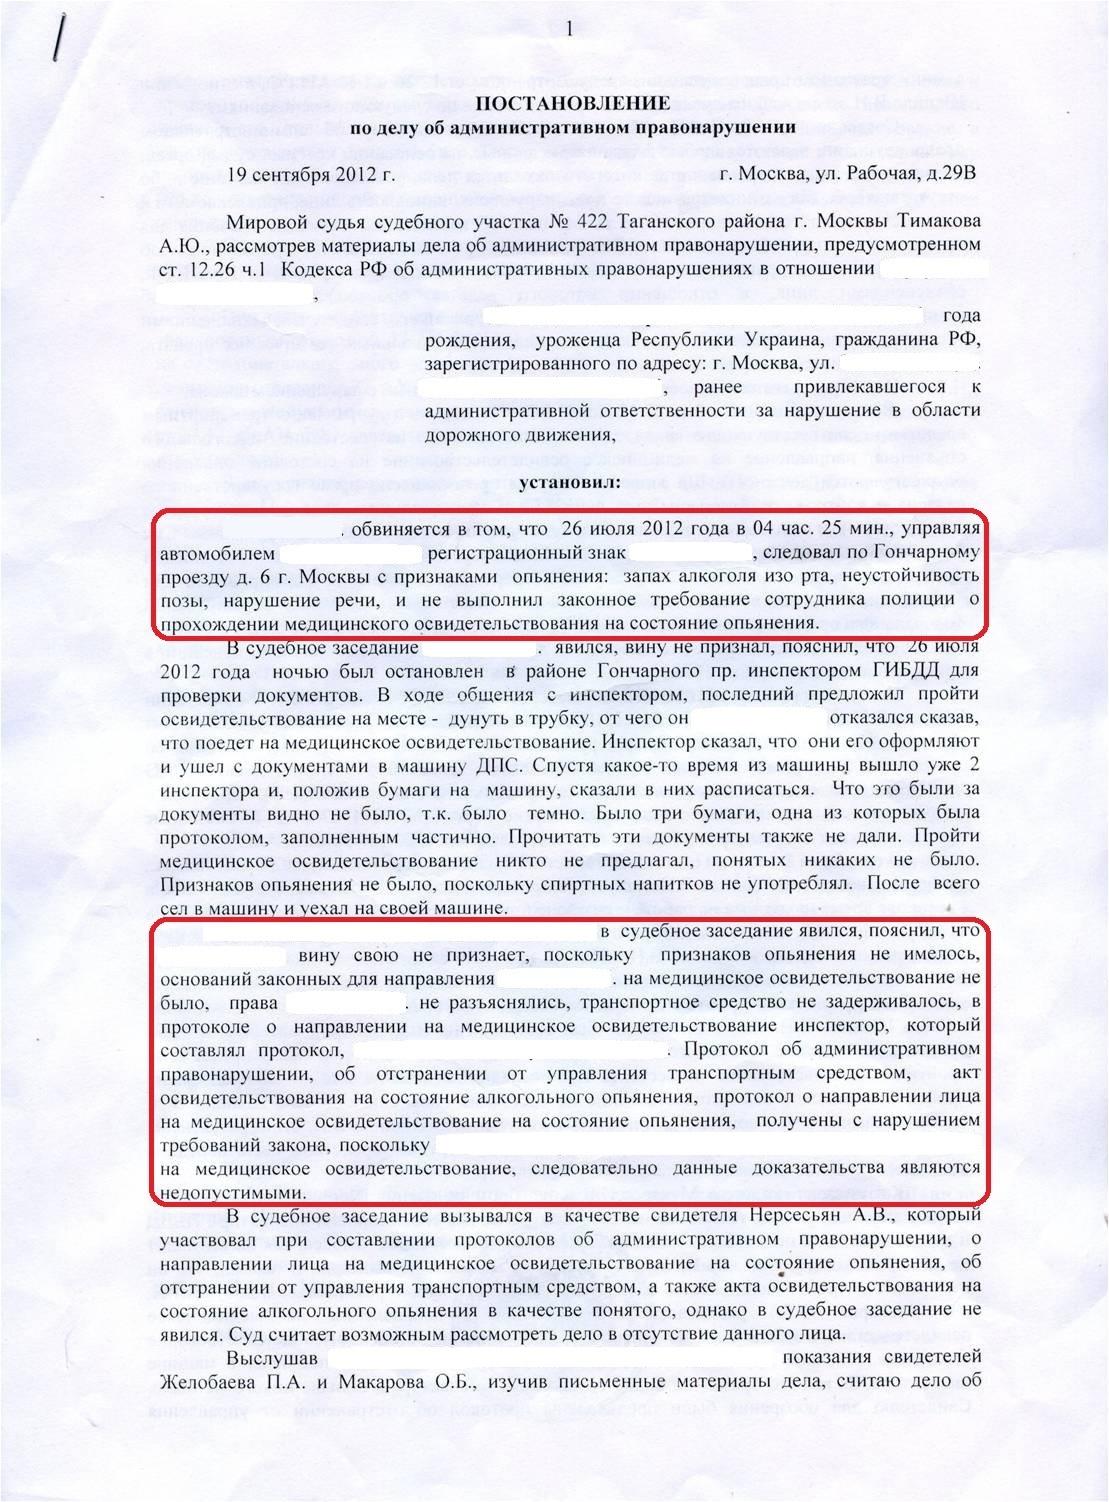 Лишение водительских прав помощь юриста астрахань ооо великая держава помощь юриста Воронеж